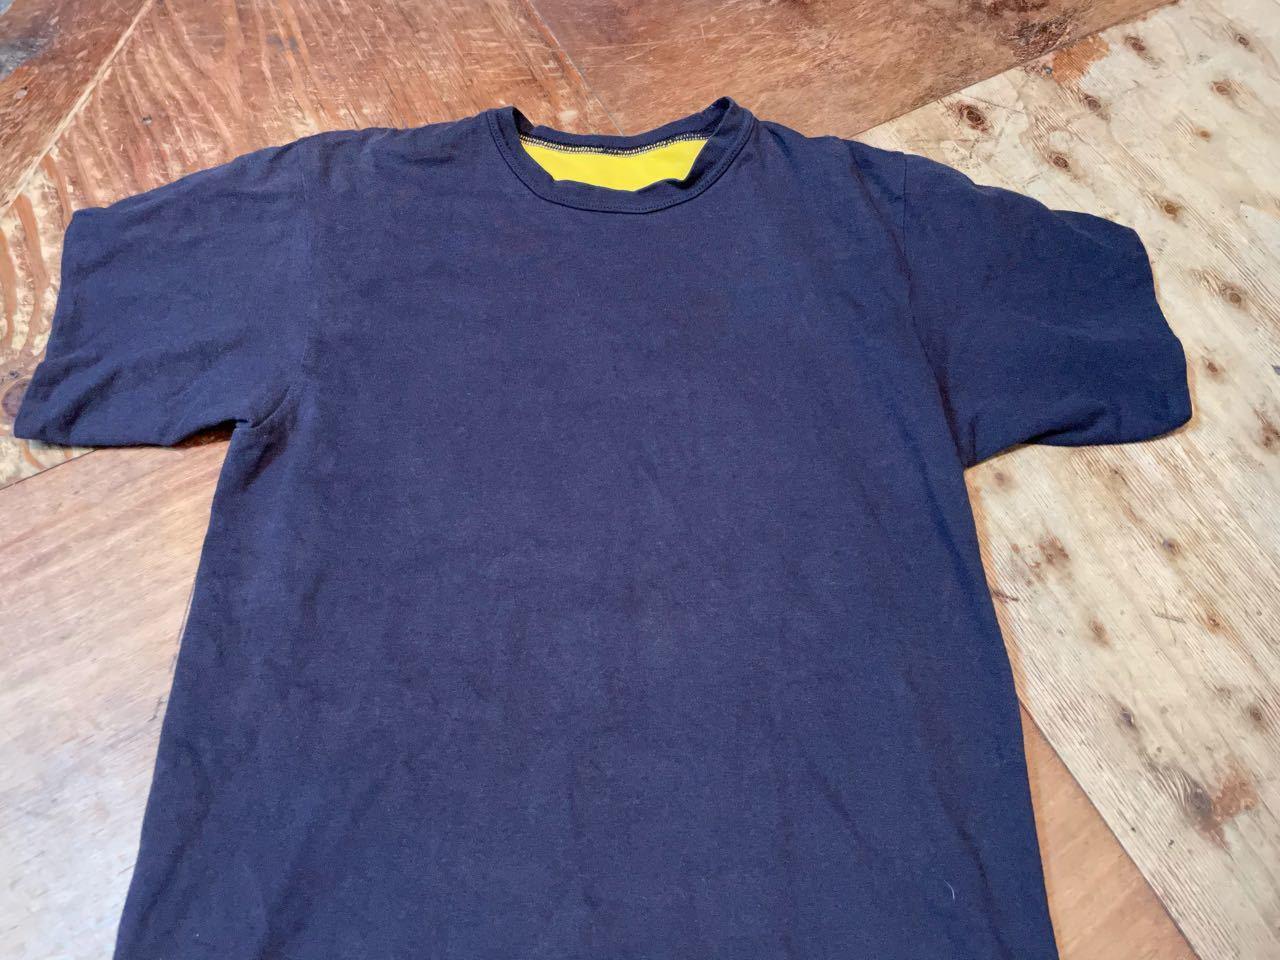 6月5日(土)入荷!all cotton U.S NAVY シールズ リバーシブル Tシャツ!_c0144020_14111196.jpg